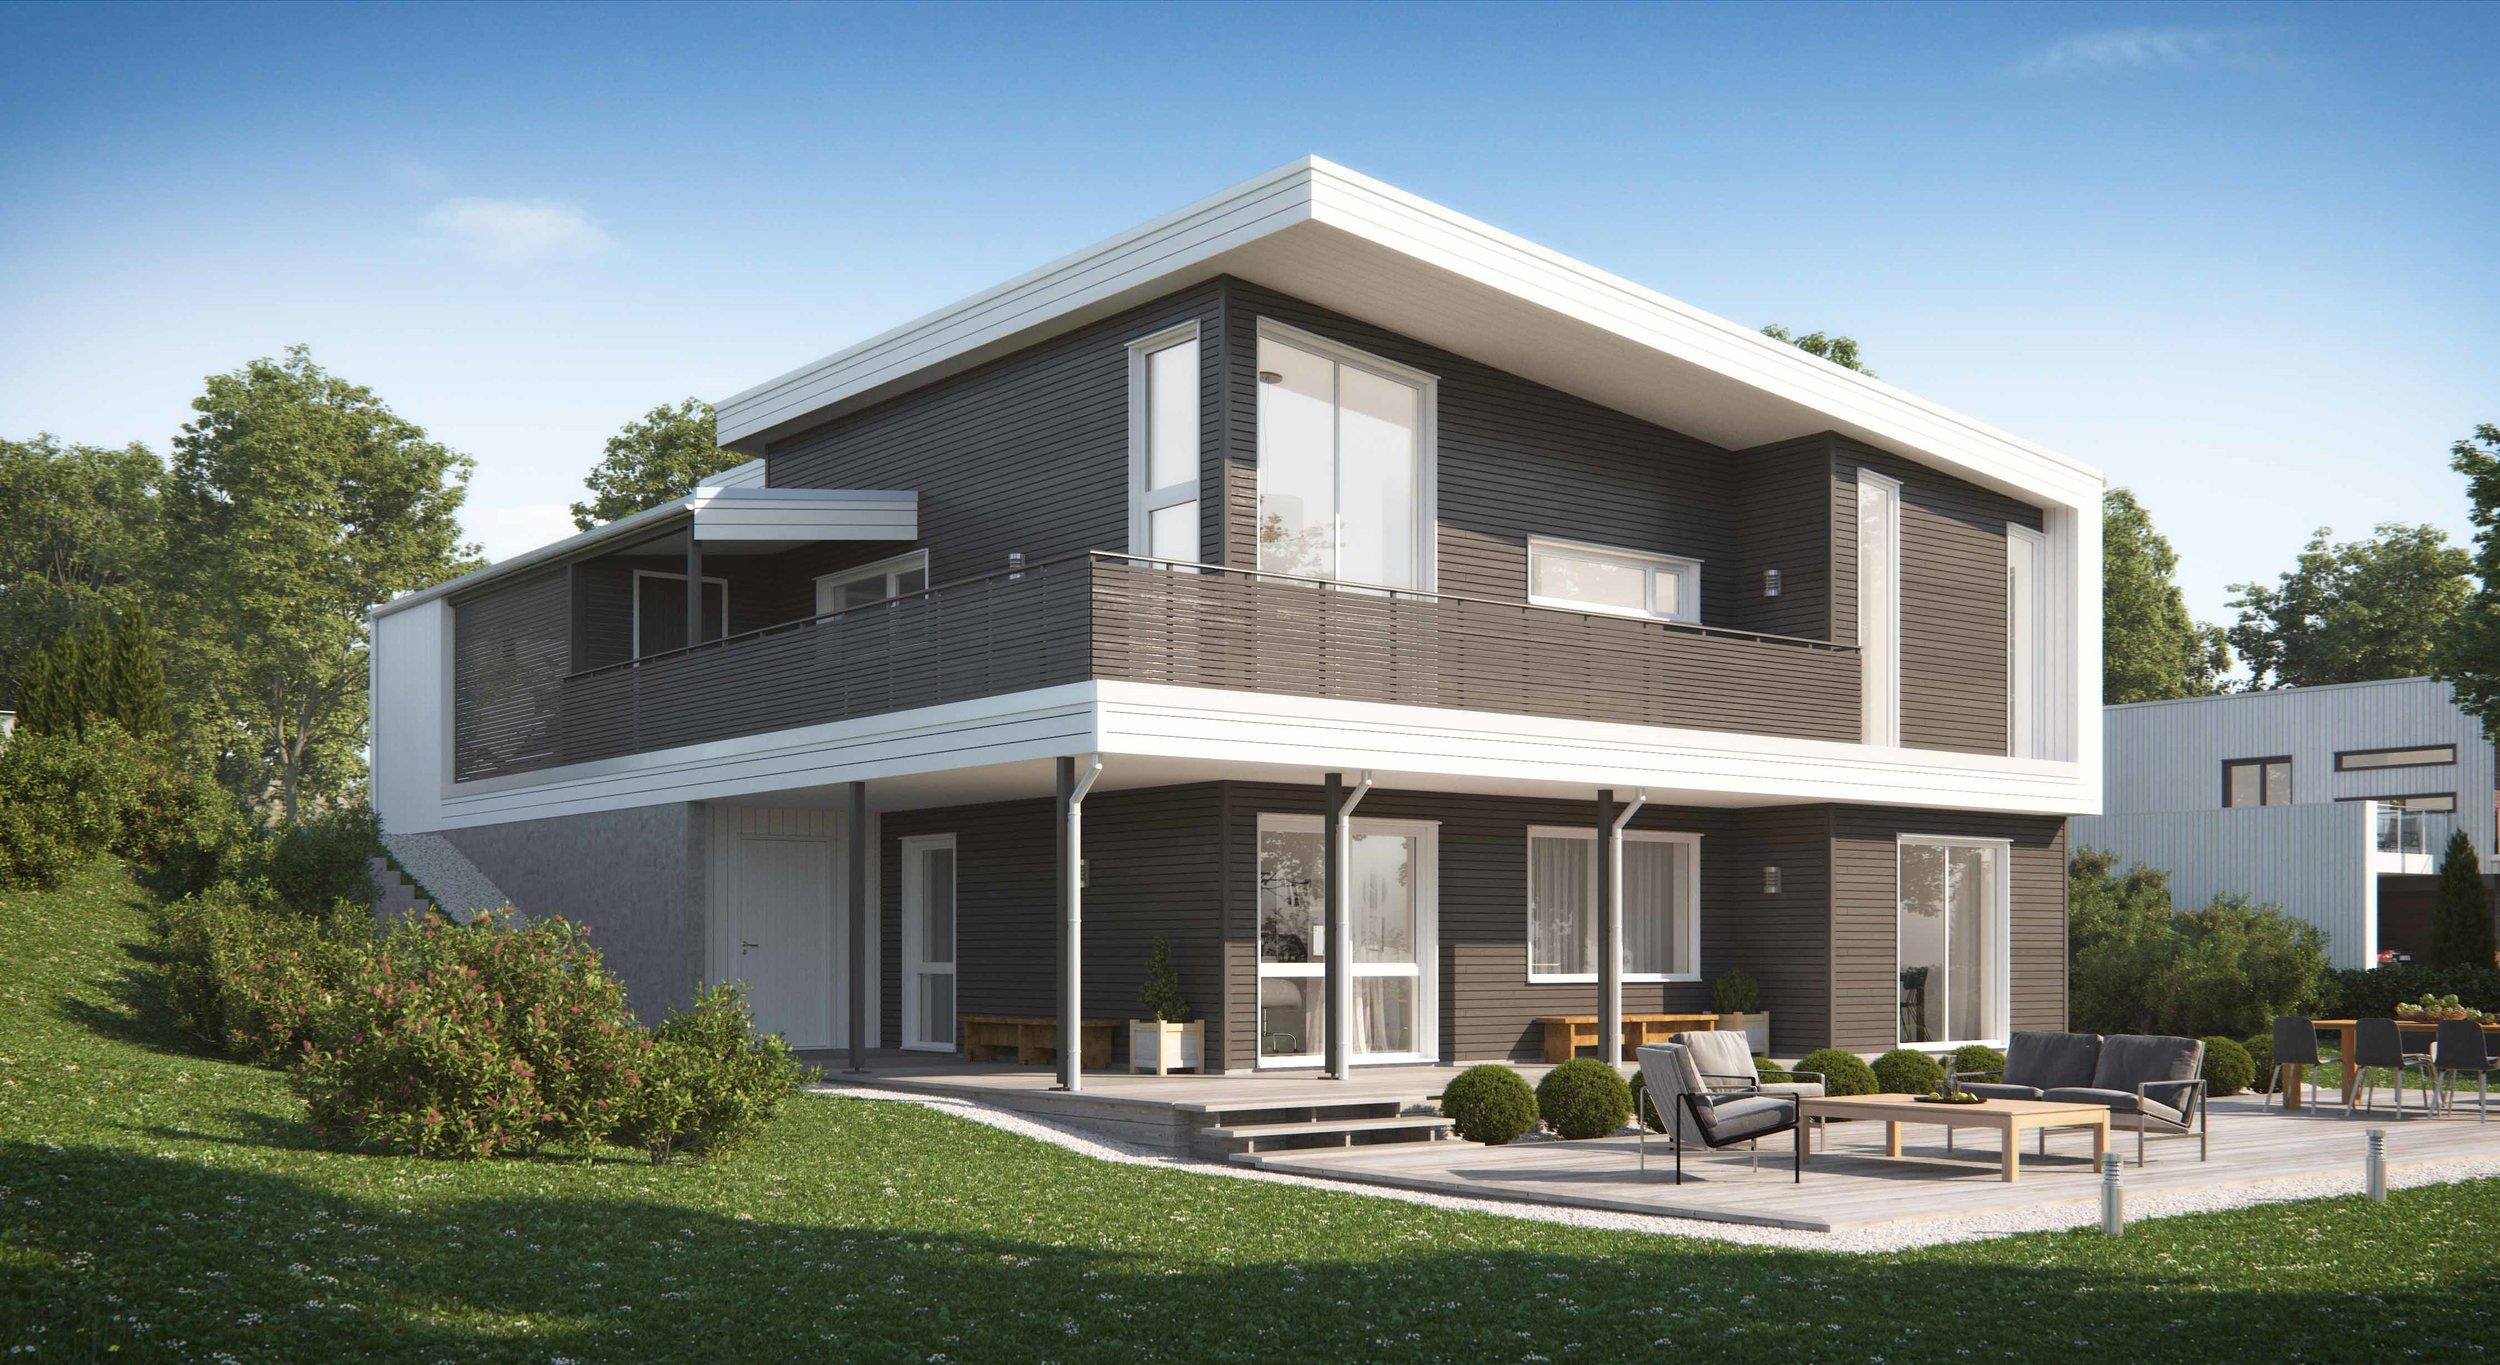 SIGNATUR 306  BRA 185 m² | Soverom 4 | Utleiedel